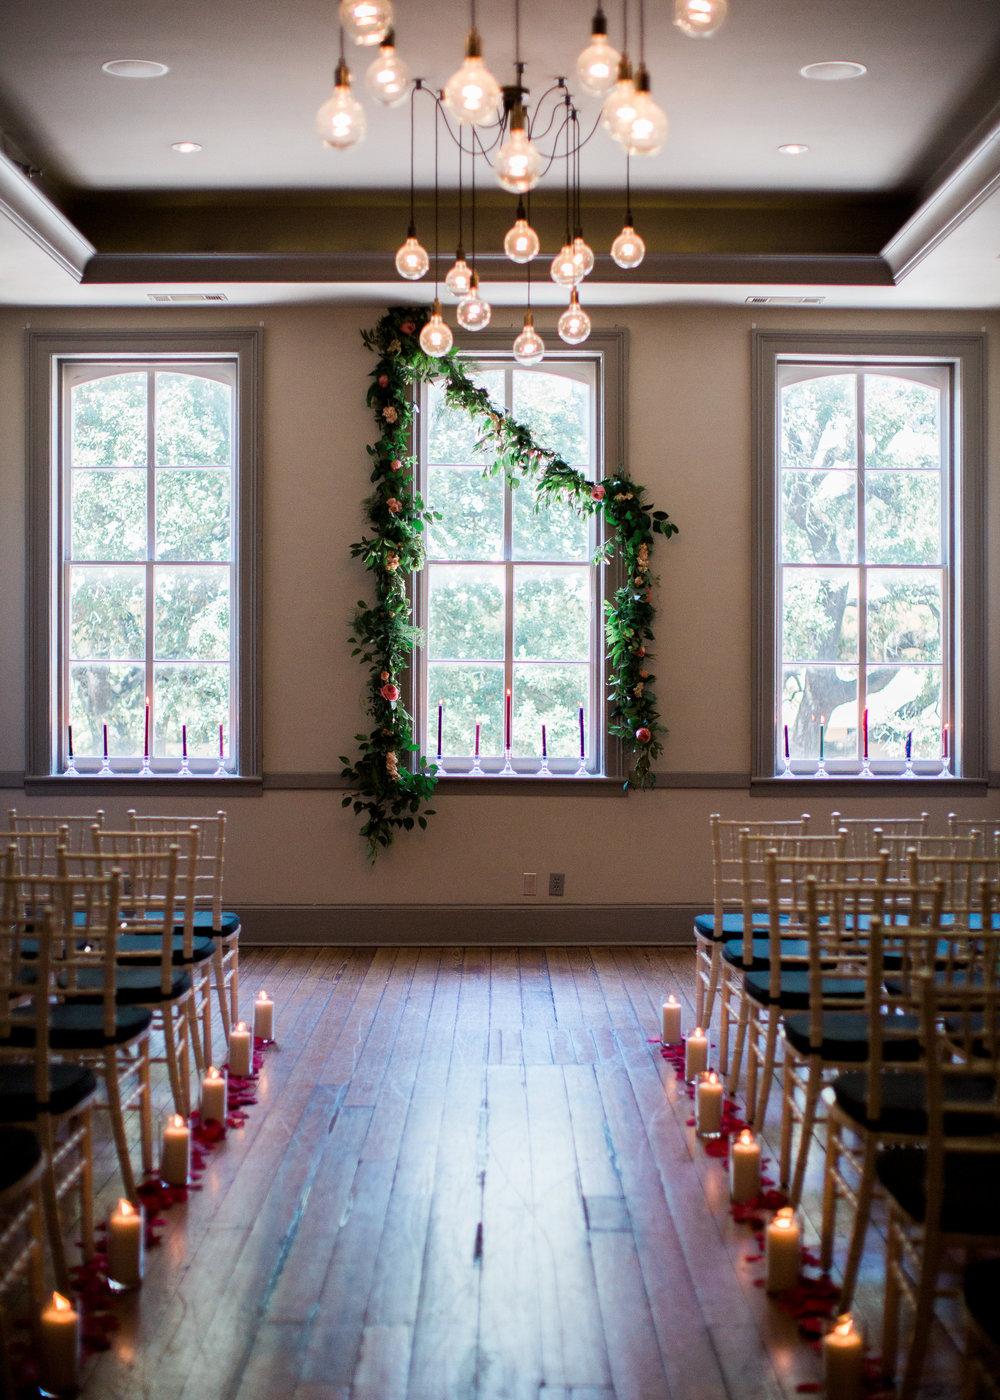 10-downing-savannah-wedding-churchills-pub-savannah-wedding-planner-savannah-event-designer-savannah-florist-savannah-wedding-flowers-savannah-weddings-10-downing-event-designer-ivory-and-beau.jpg